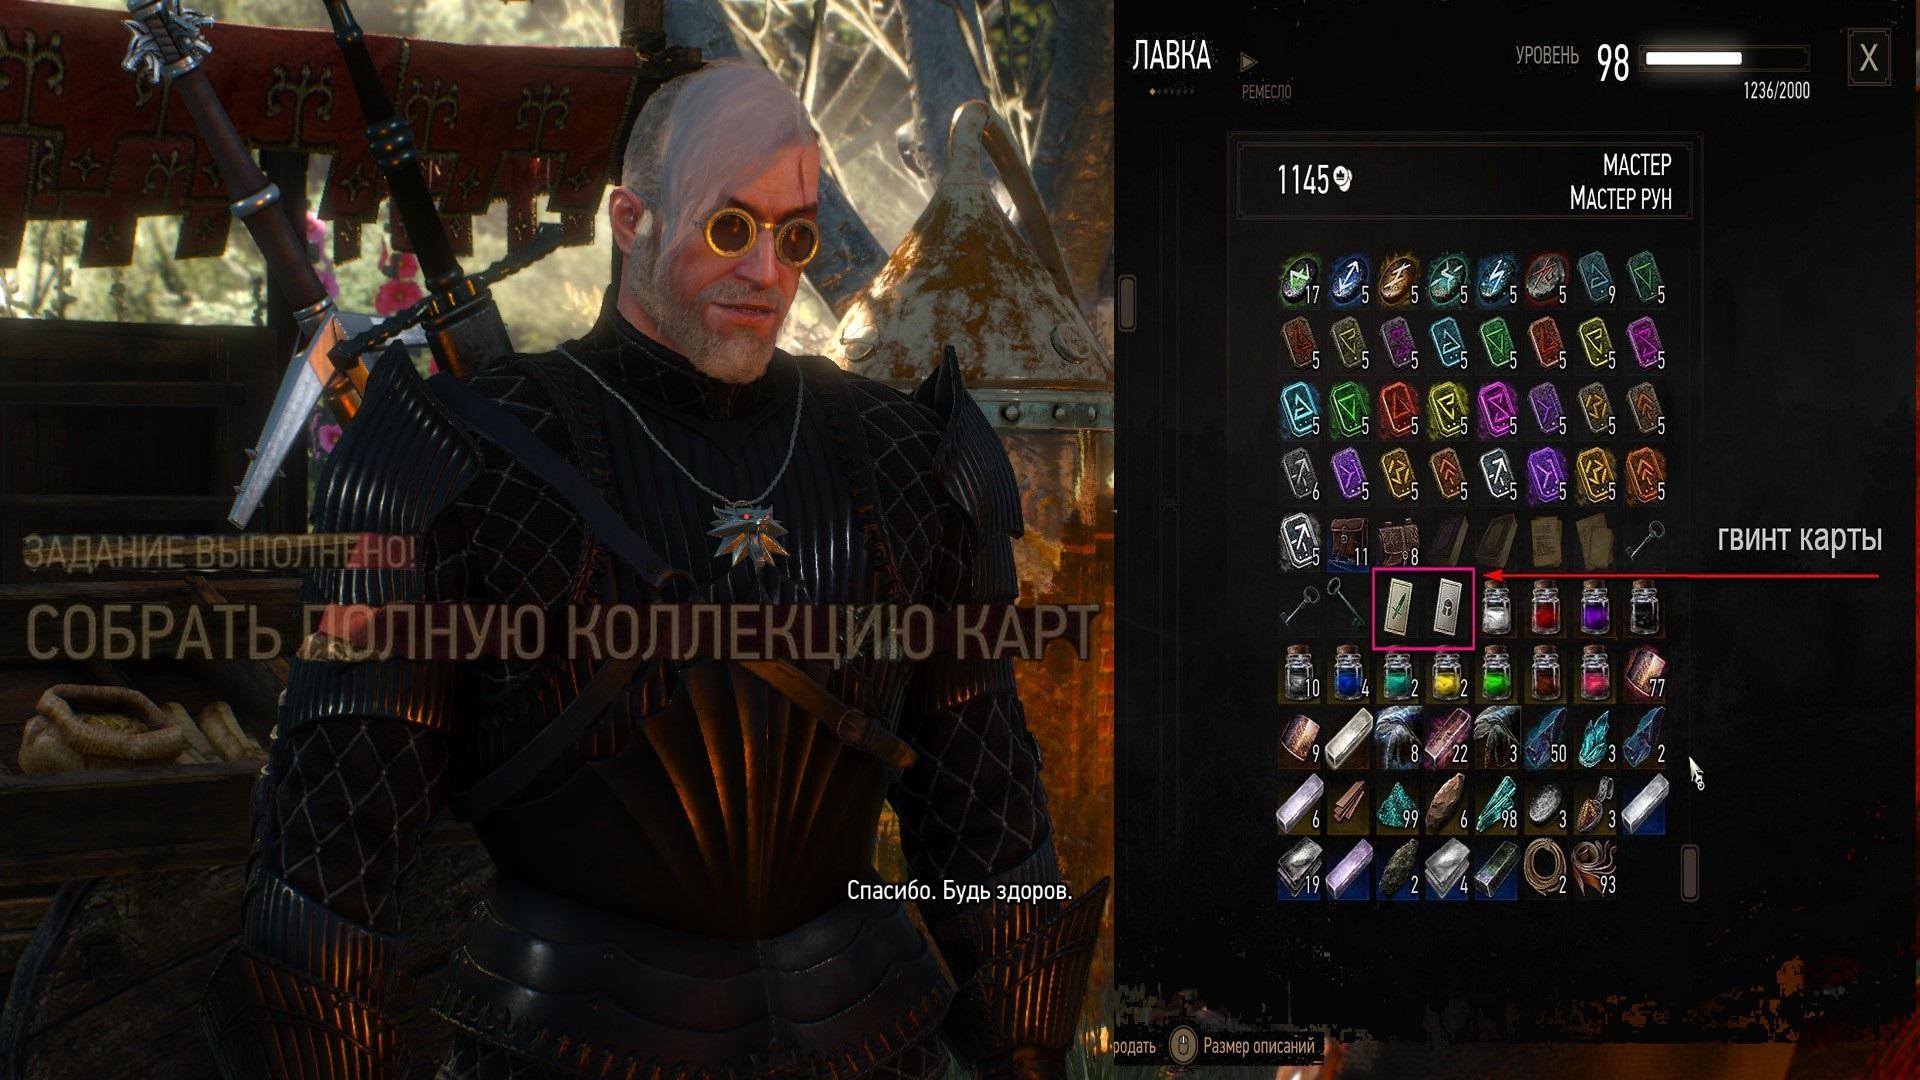 сет ТМ1.jpg - Witcher 3: Wild Hunt, the